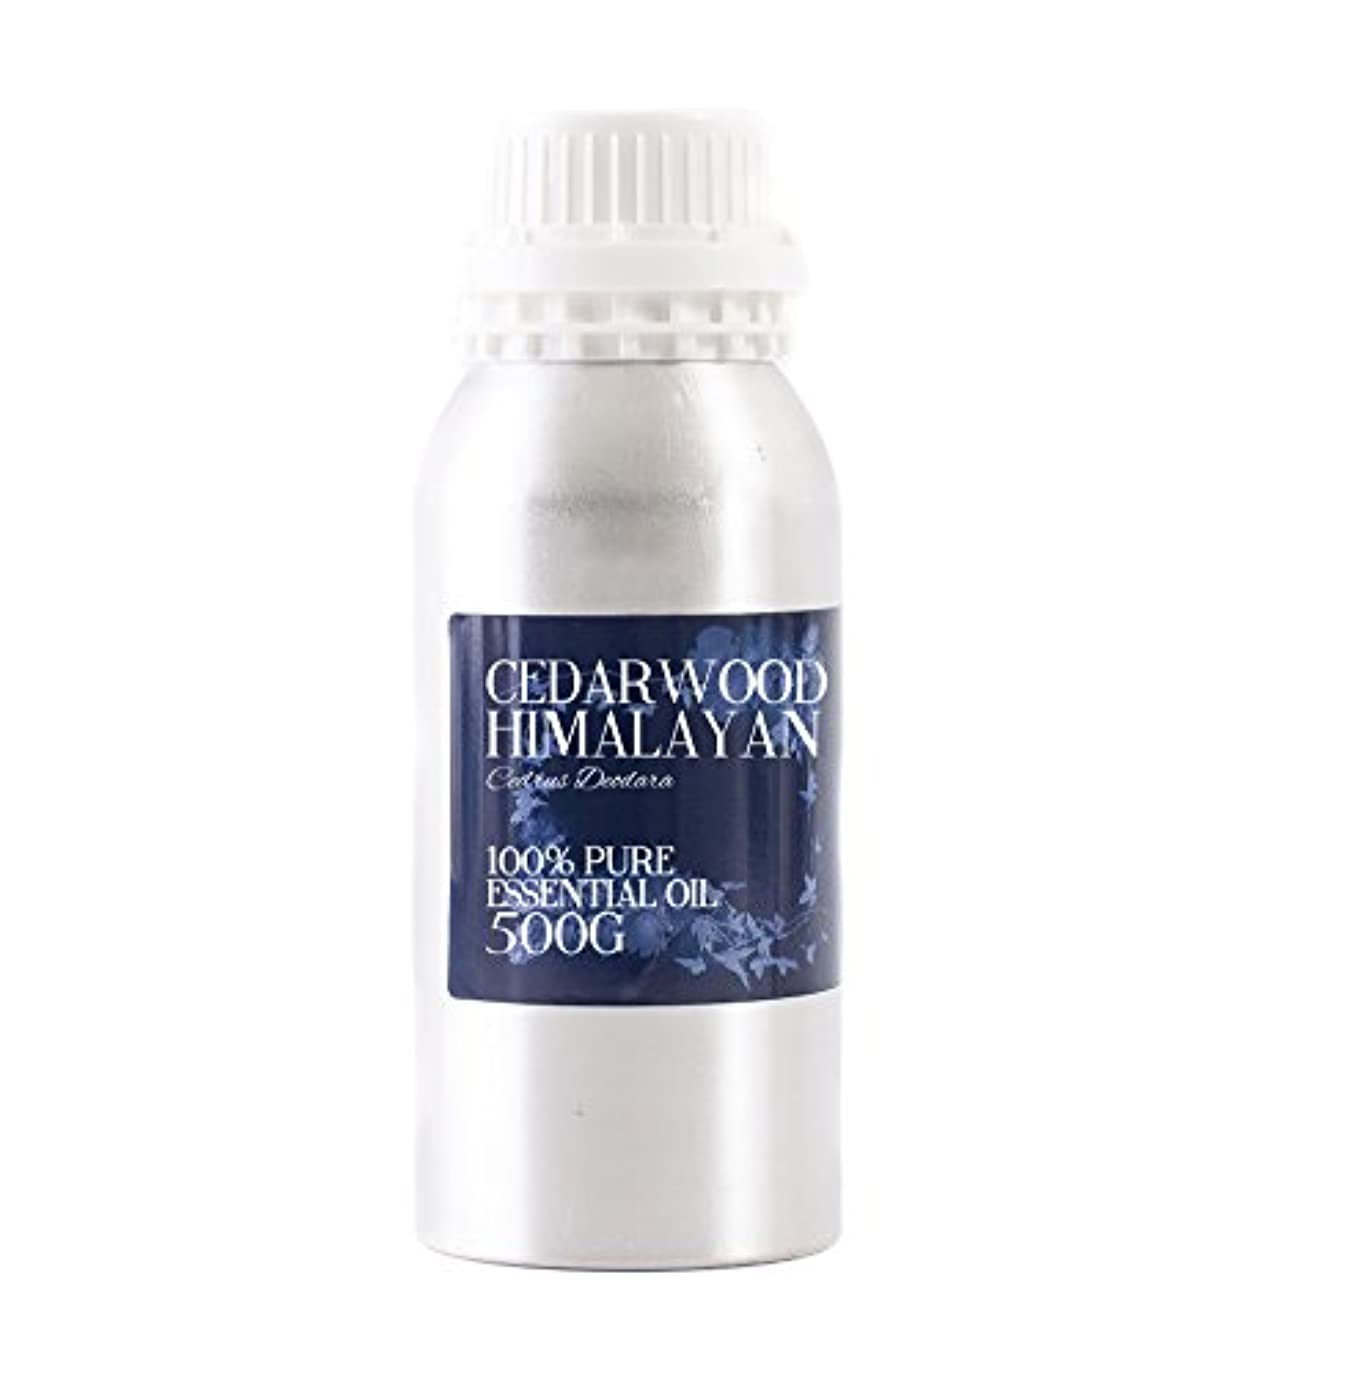 決定するわずかにジュニアMystic Moments   Cedarwood Himalayan Essential Oil - 500g - 100% pure